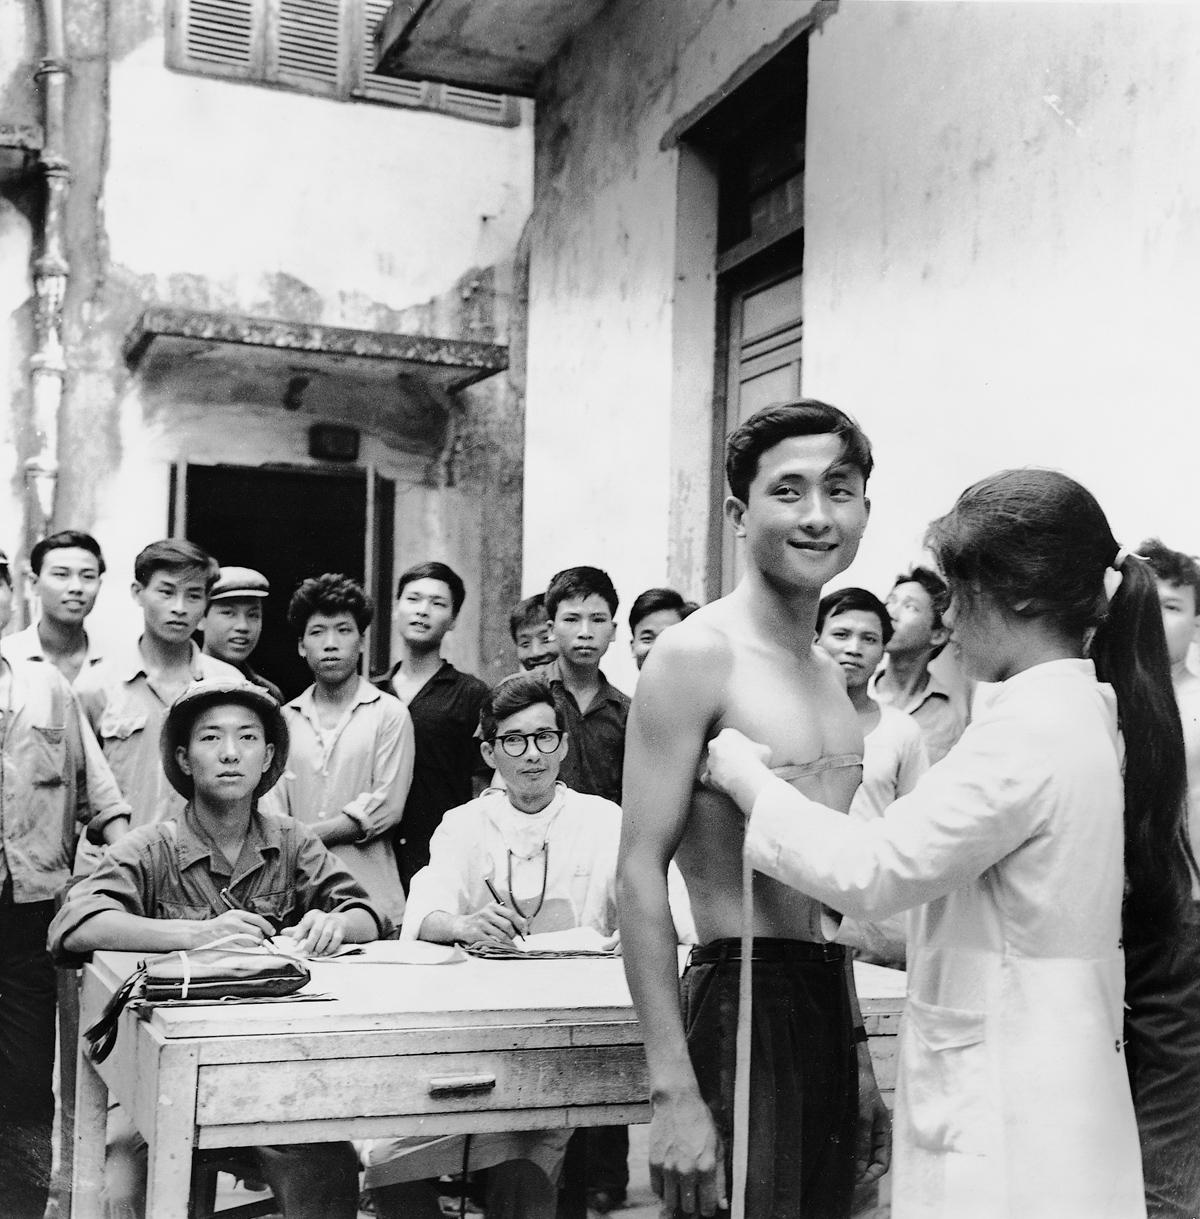 Temmuz 1967, Kuzey Vietnam Ordusuna katılanlar fiziksel testlerden geçerken.